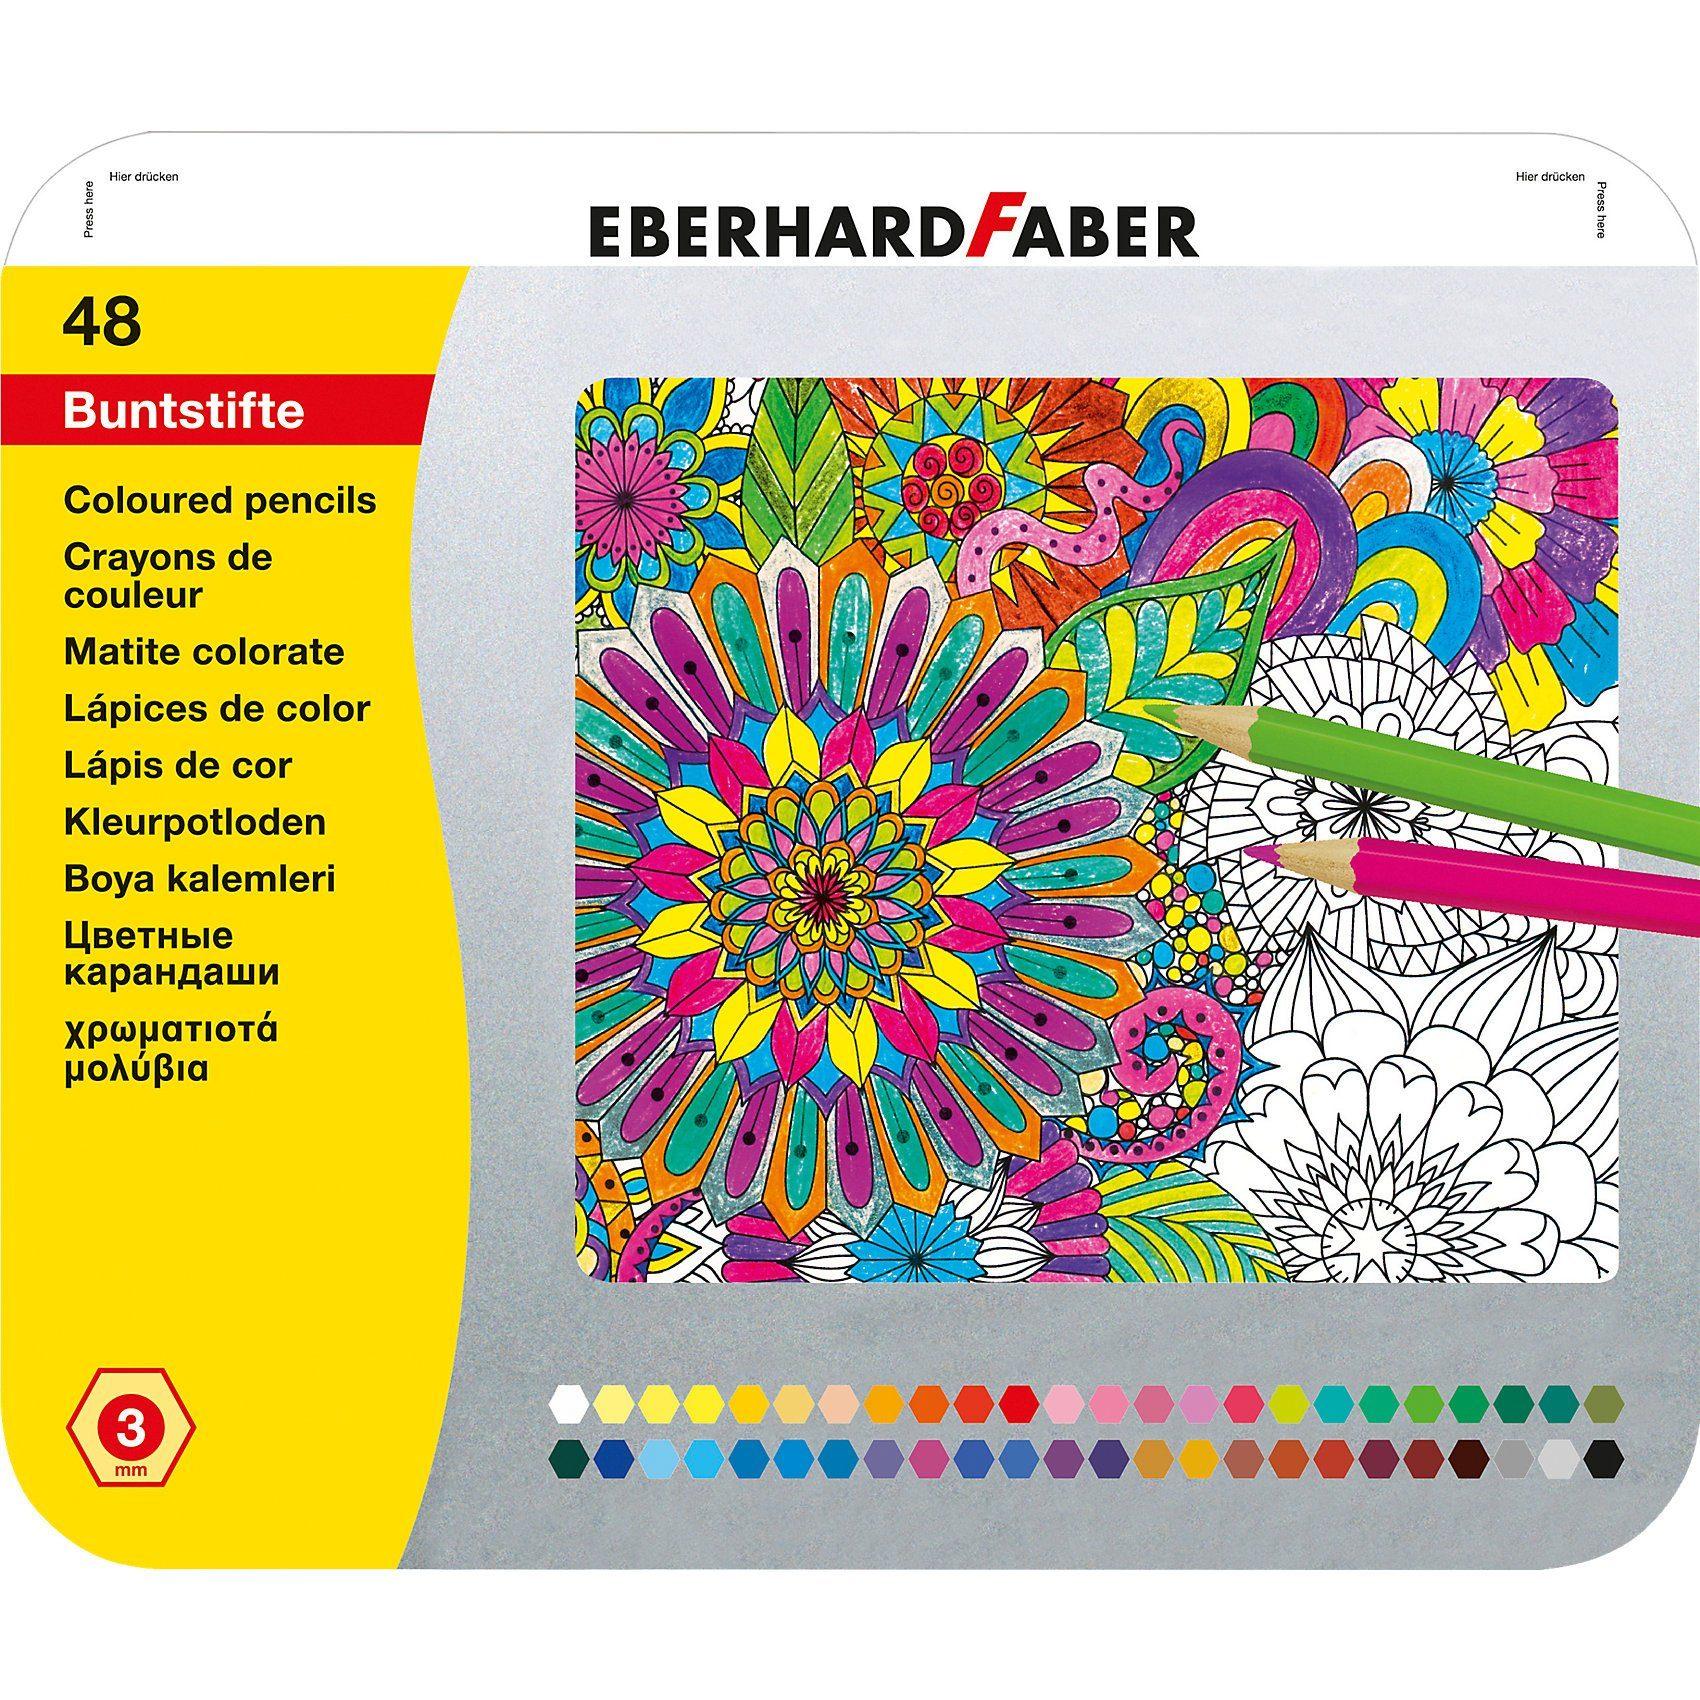 Eberhard Faber Buntstifte im Metalletui, 48 Farben